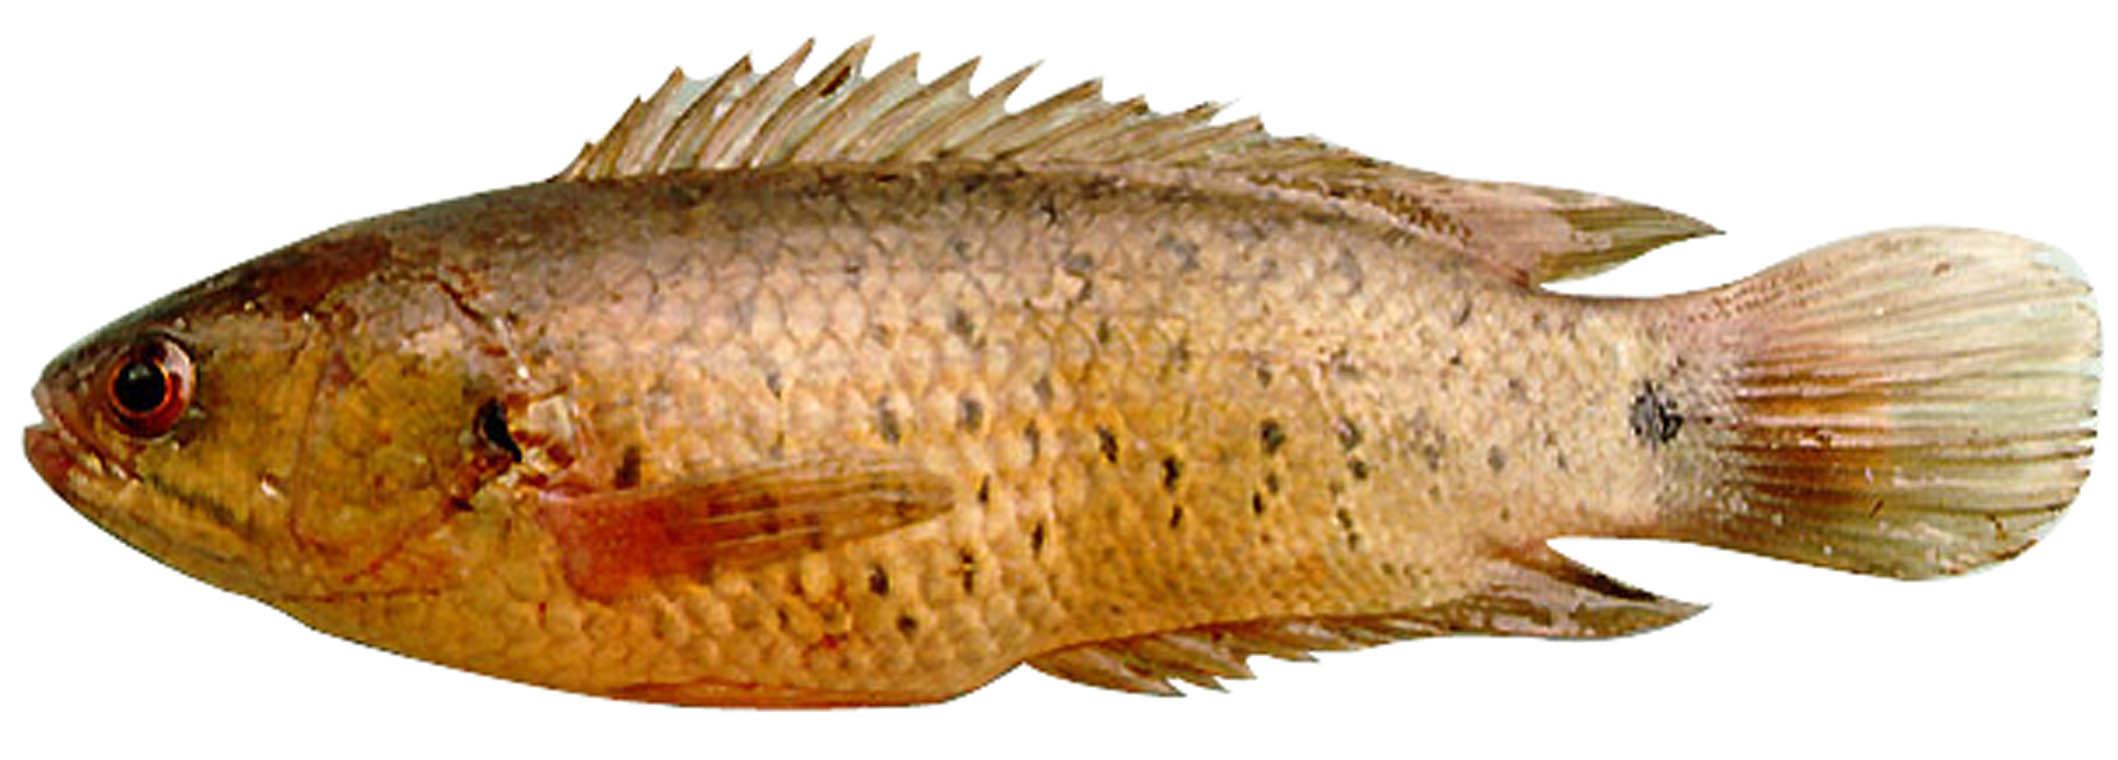 Cá rô đồng Anabas testudineus